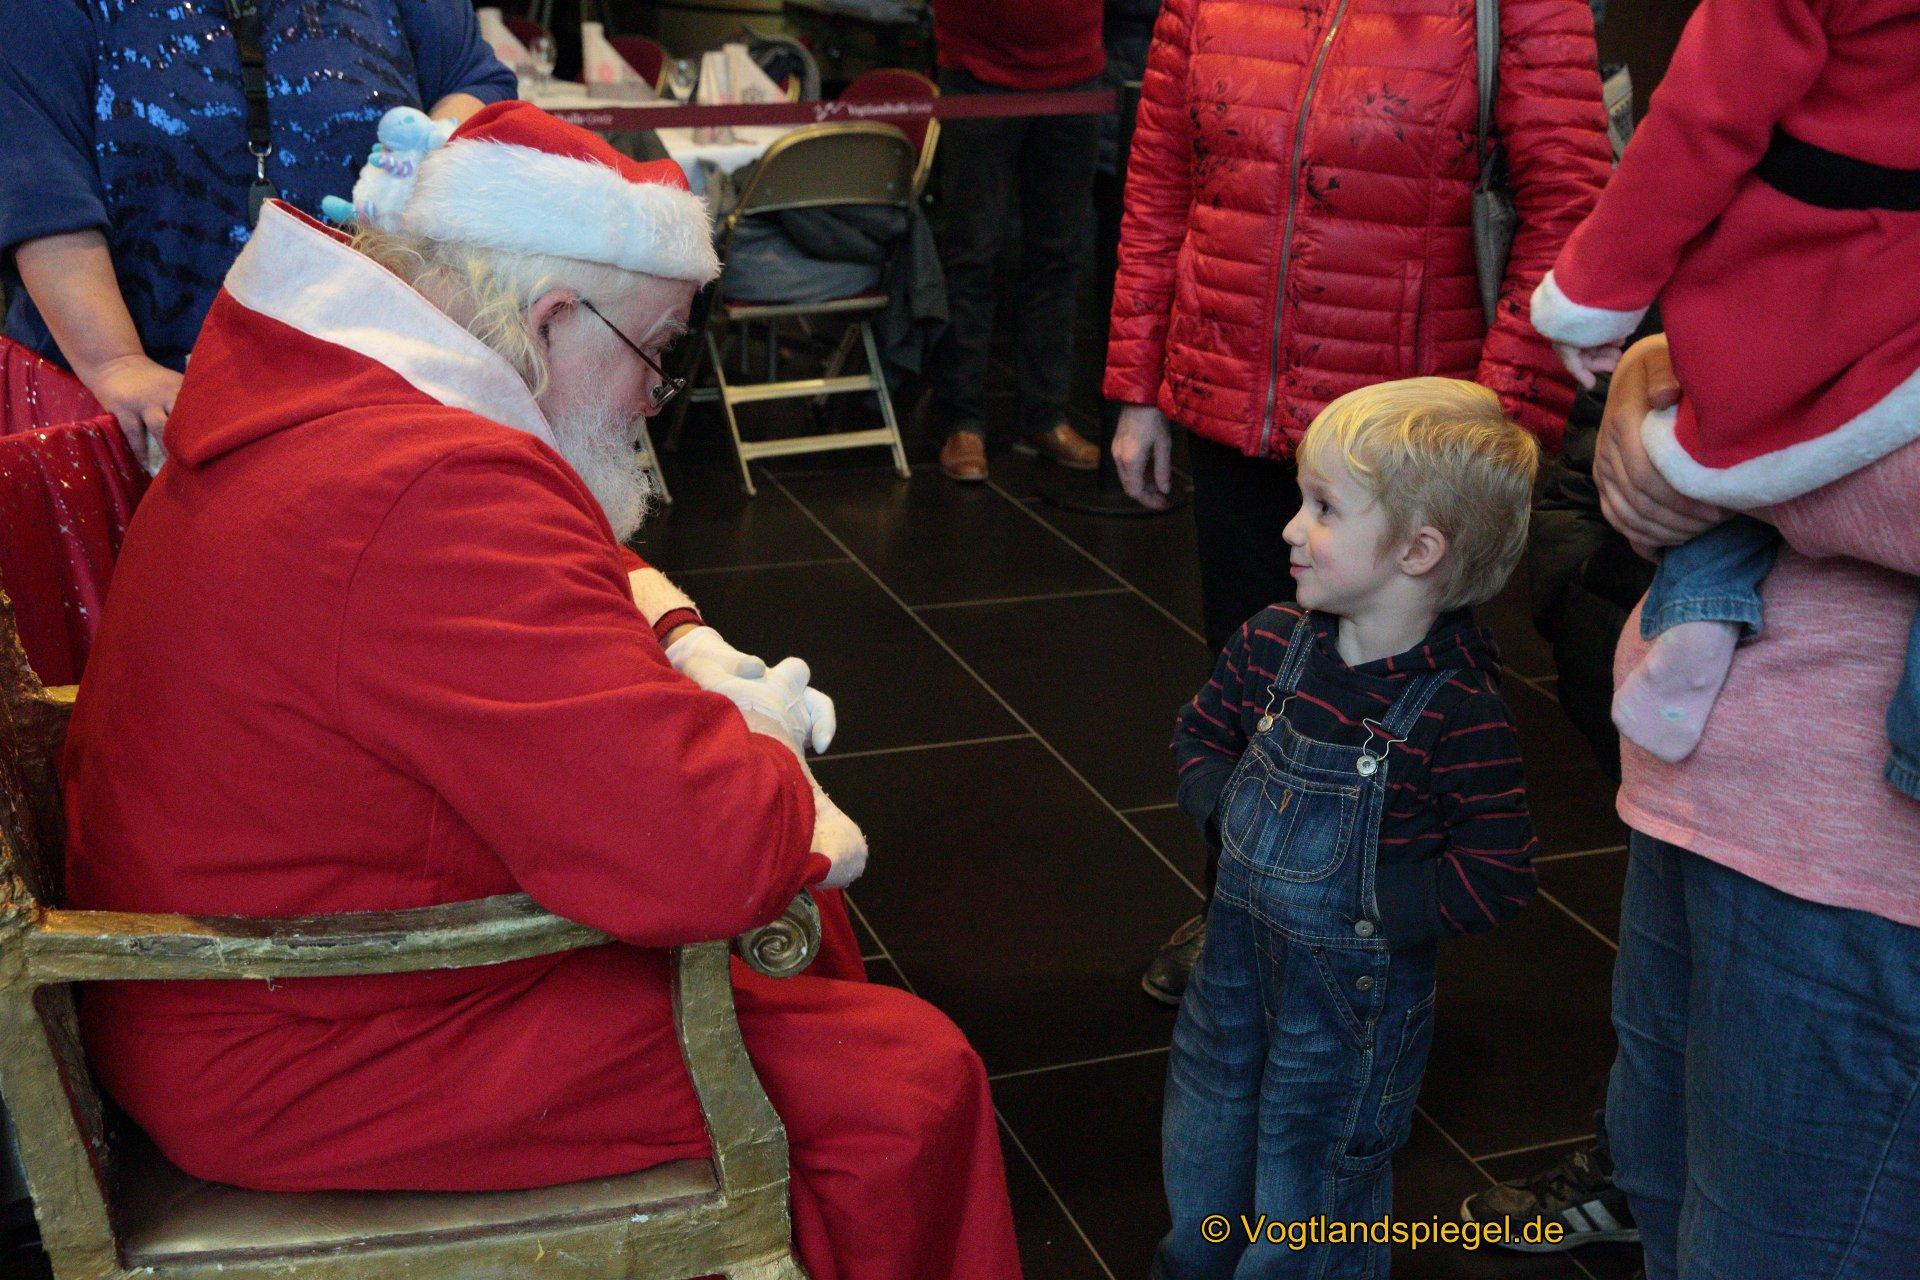 """Eine schöne Idee, die Zeit bis zum Eintreffen des Weihnachtsmannes zu verkürzen, ist seit vielen Jahren die Veranstaltung """"Wir warten auf den Weihnachtsmann"""" in der Vogtlandhalle Greiz."""